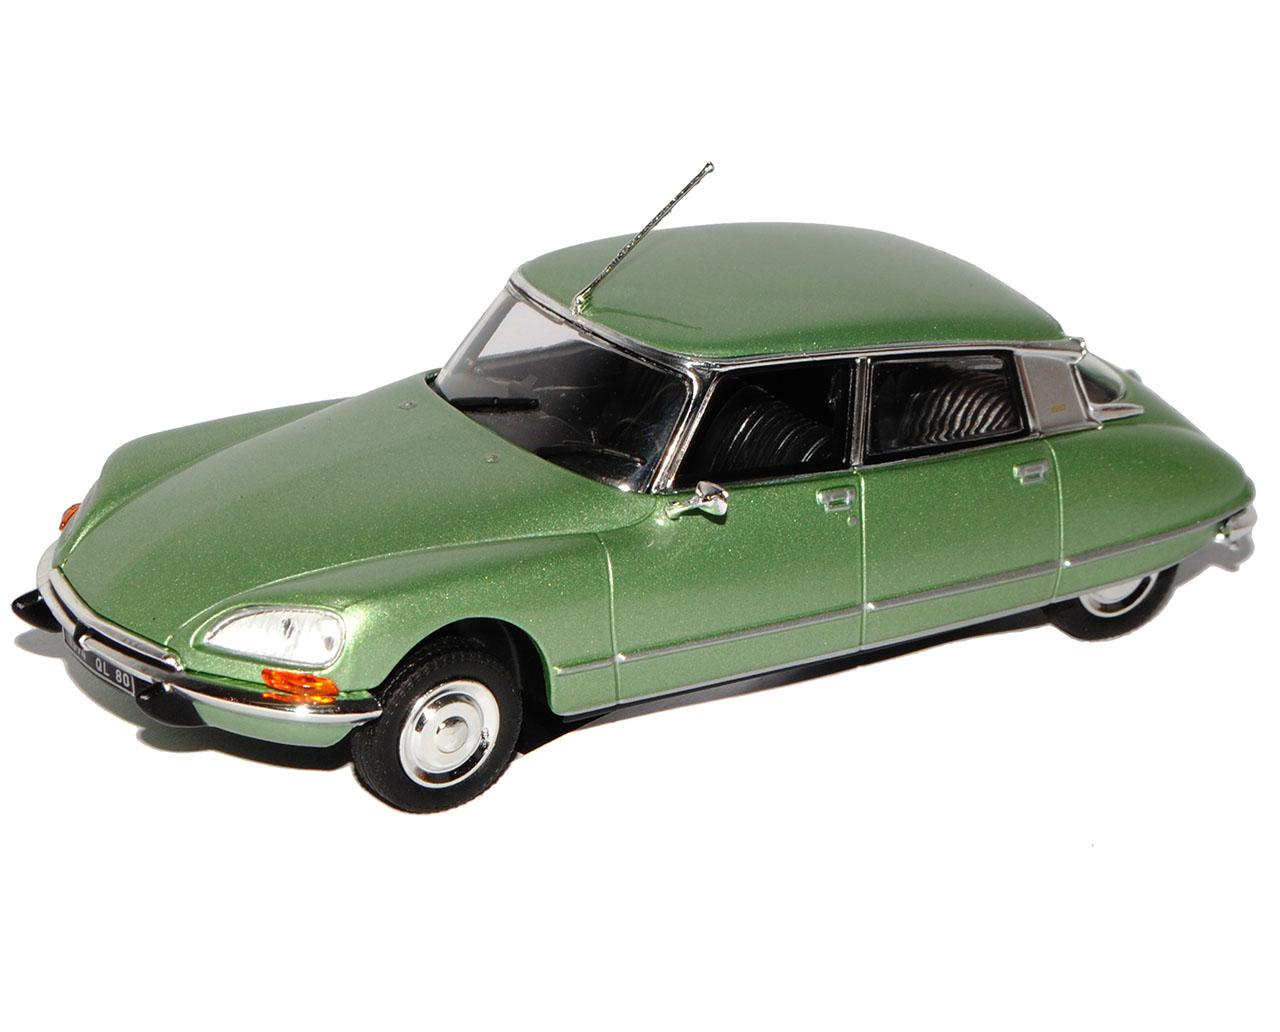 Citroen DS23 Pallas Limousine Limousine Limousine Grün Metallic 1972-1975 1 43 Norev Modell Auto m..  | Gutes Design  98adac